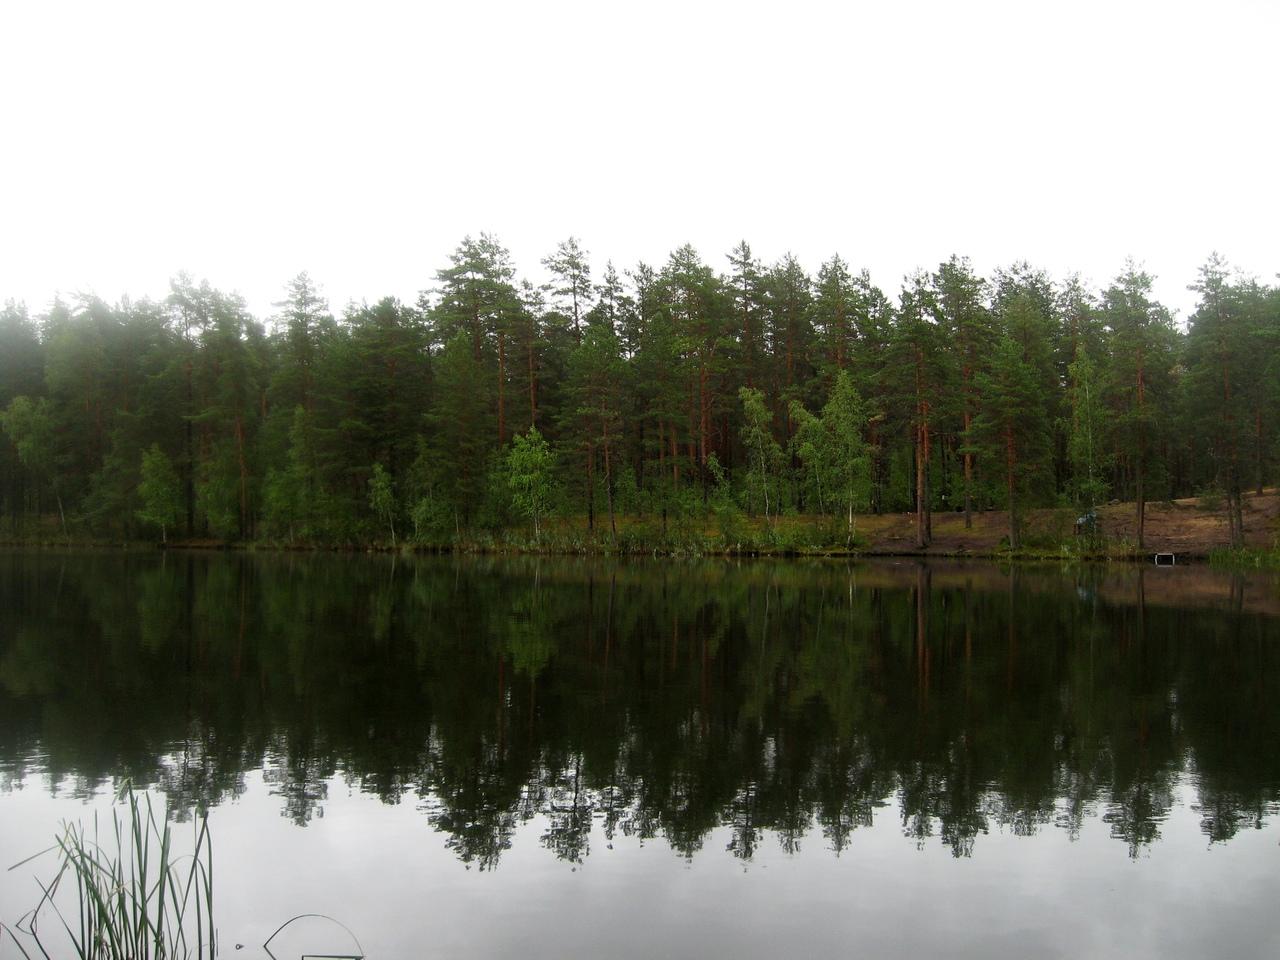 Поездка в Шалово-Перечицкий заказник (Лужский район). Край, где соединяются север и юг.